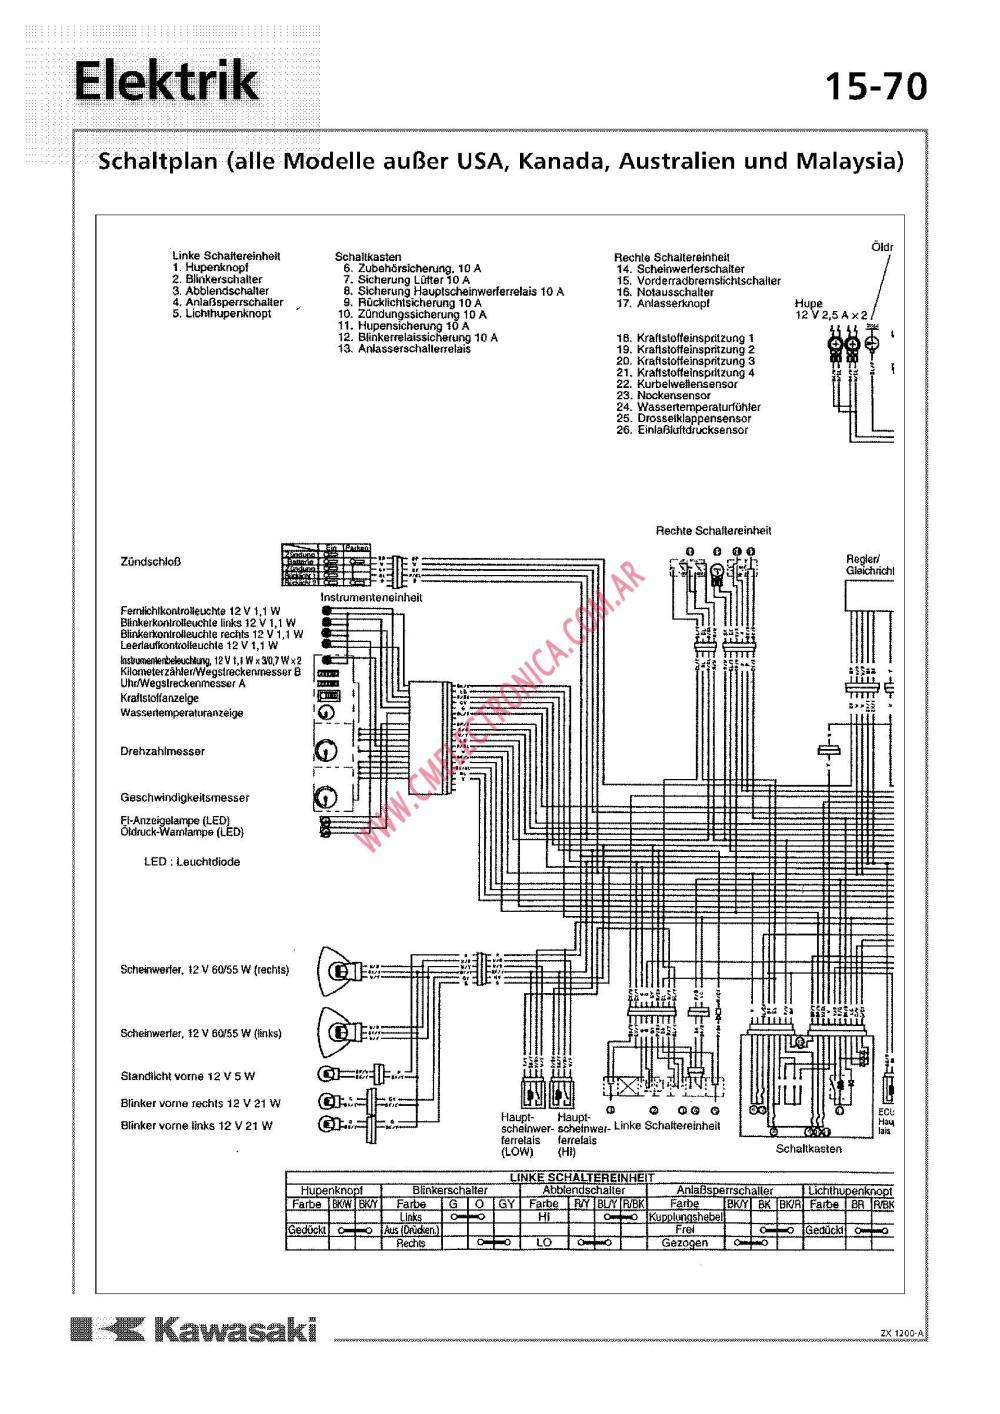 medium resolution of zx12 wiring diagram wiring diagram repair guideszx12 wiring diagram wiring diagram technicwiring diagram diagrama kawasaki zx12rkawasaki